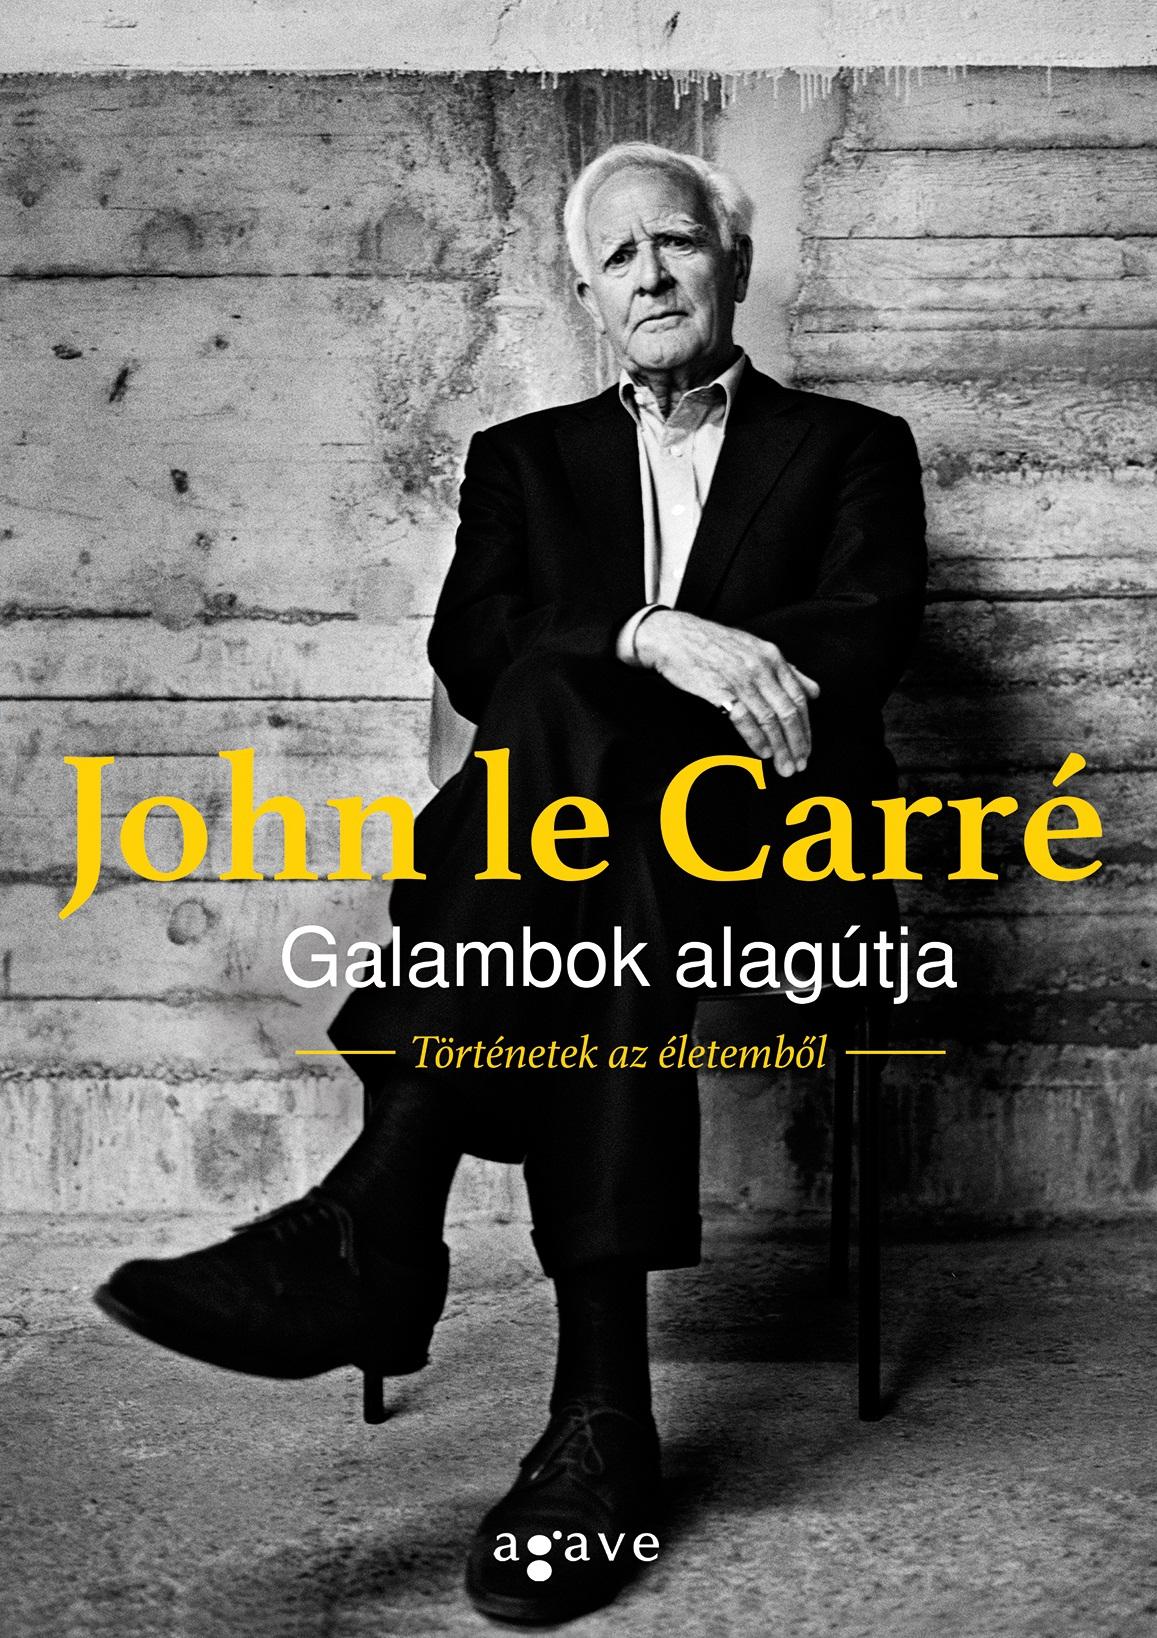 john-le-carre-galambok-alagutja-b1.jpg